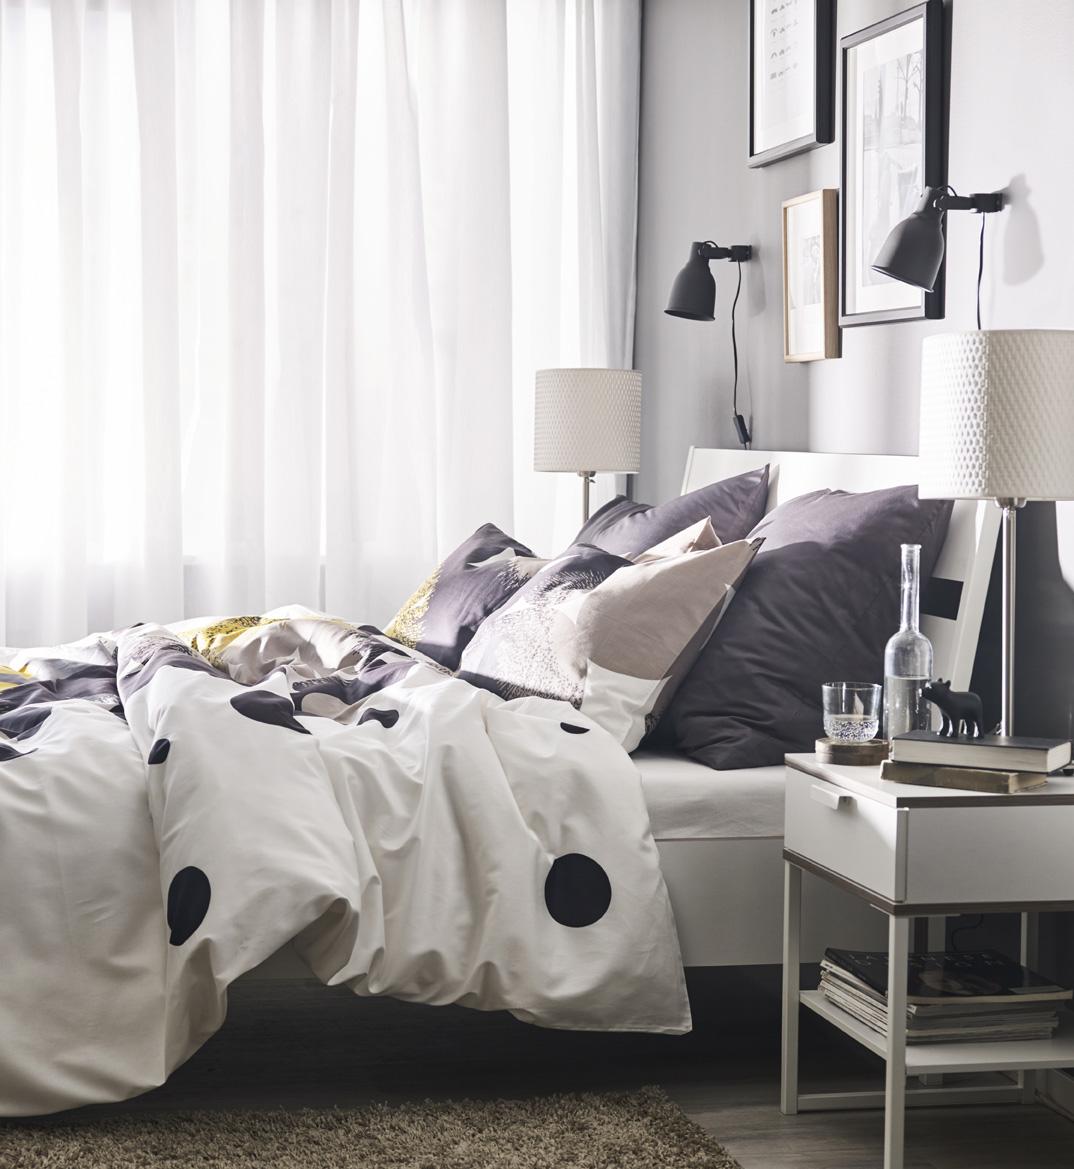 18_dormitorios_IKEA